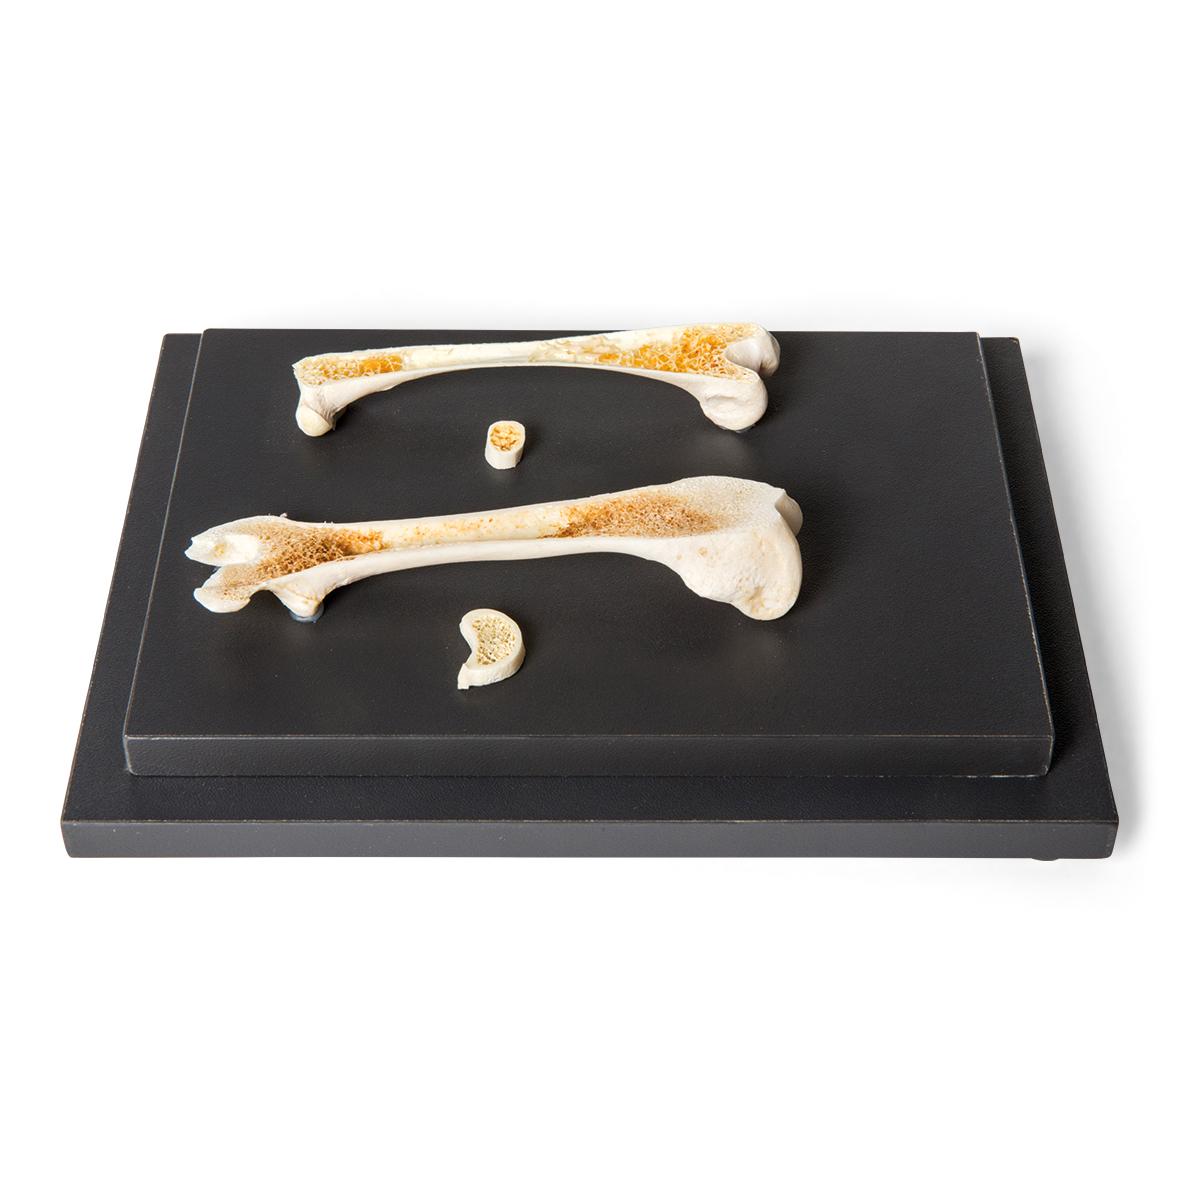 aufbau eines vogel und s ugetierknochens pr parat 1021045 t30053 vergleichende anatomie. Black Bedroom Furniture Sets. Home Design Ideas